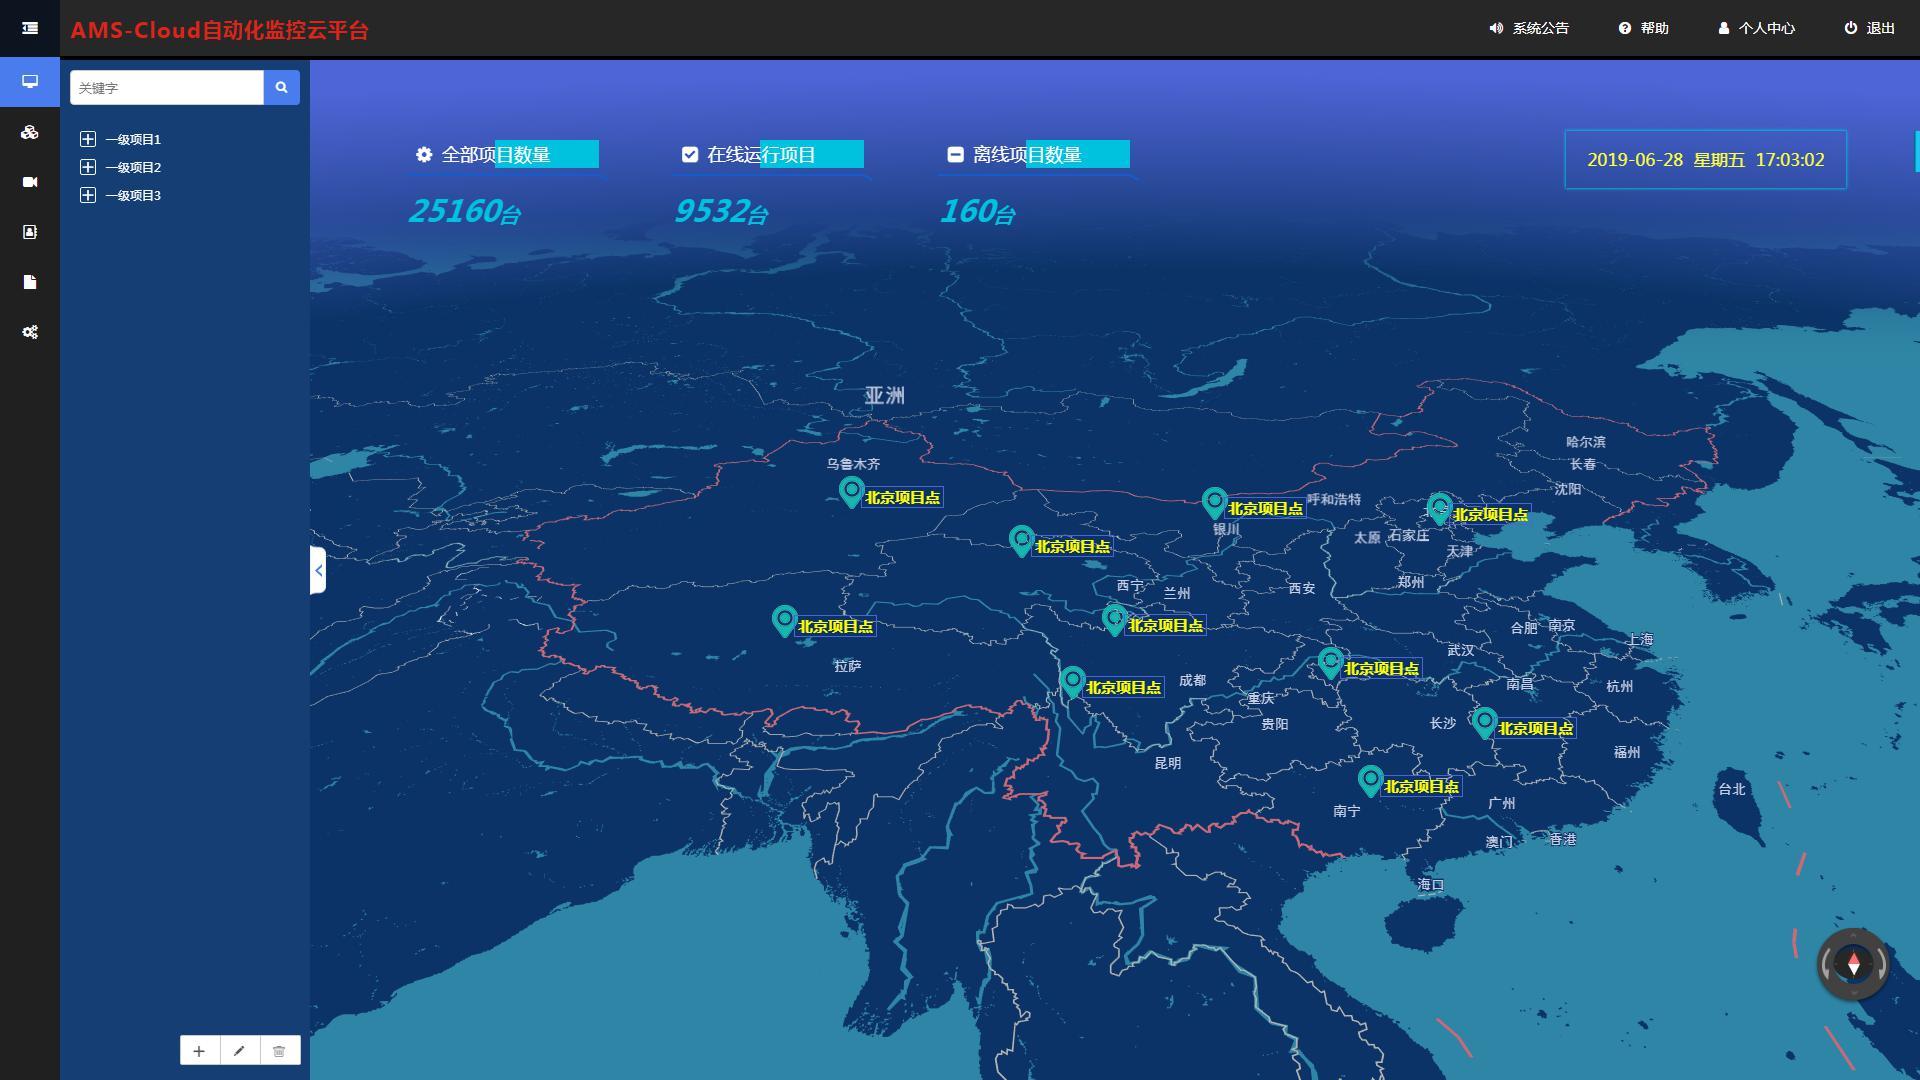 AMS-CLOUD物联网监控云托管及电站运维服务-河南物联网运维